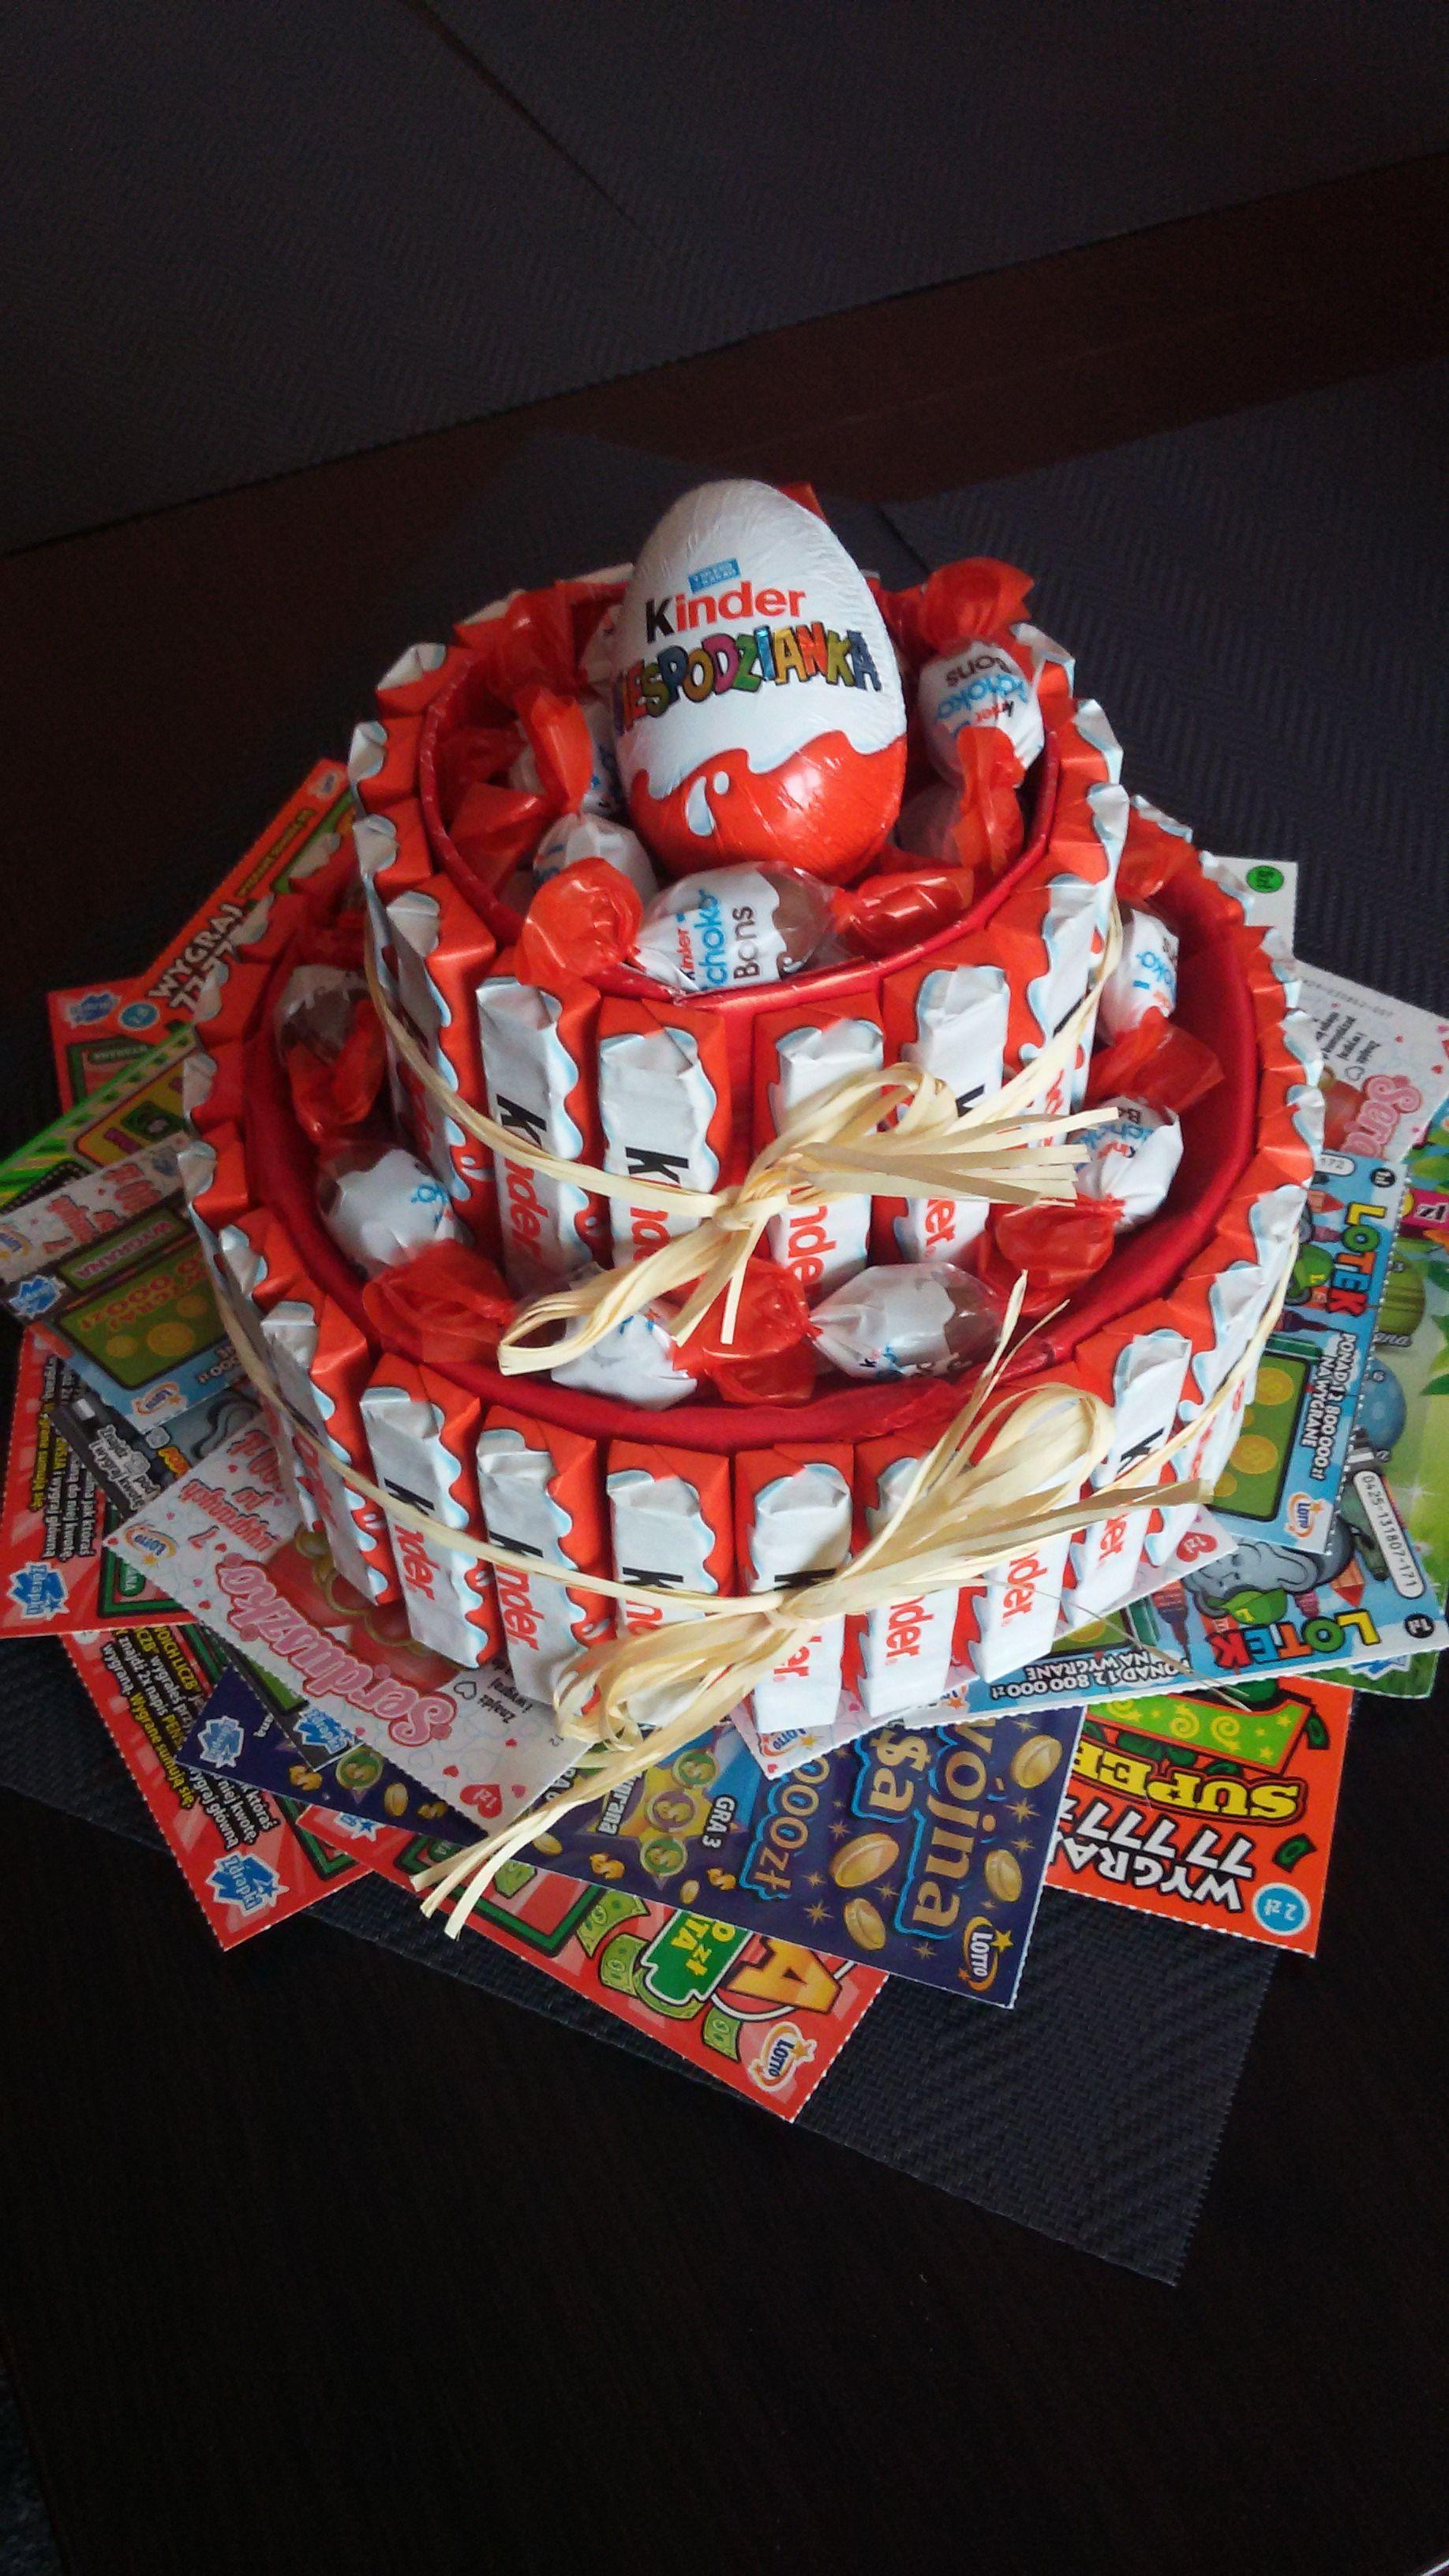 Tort Na 30 Urodziny With Images 30 Urodziny Prezenty